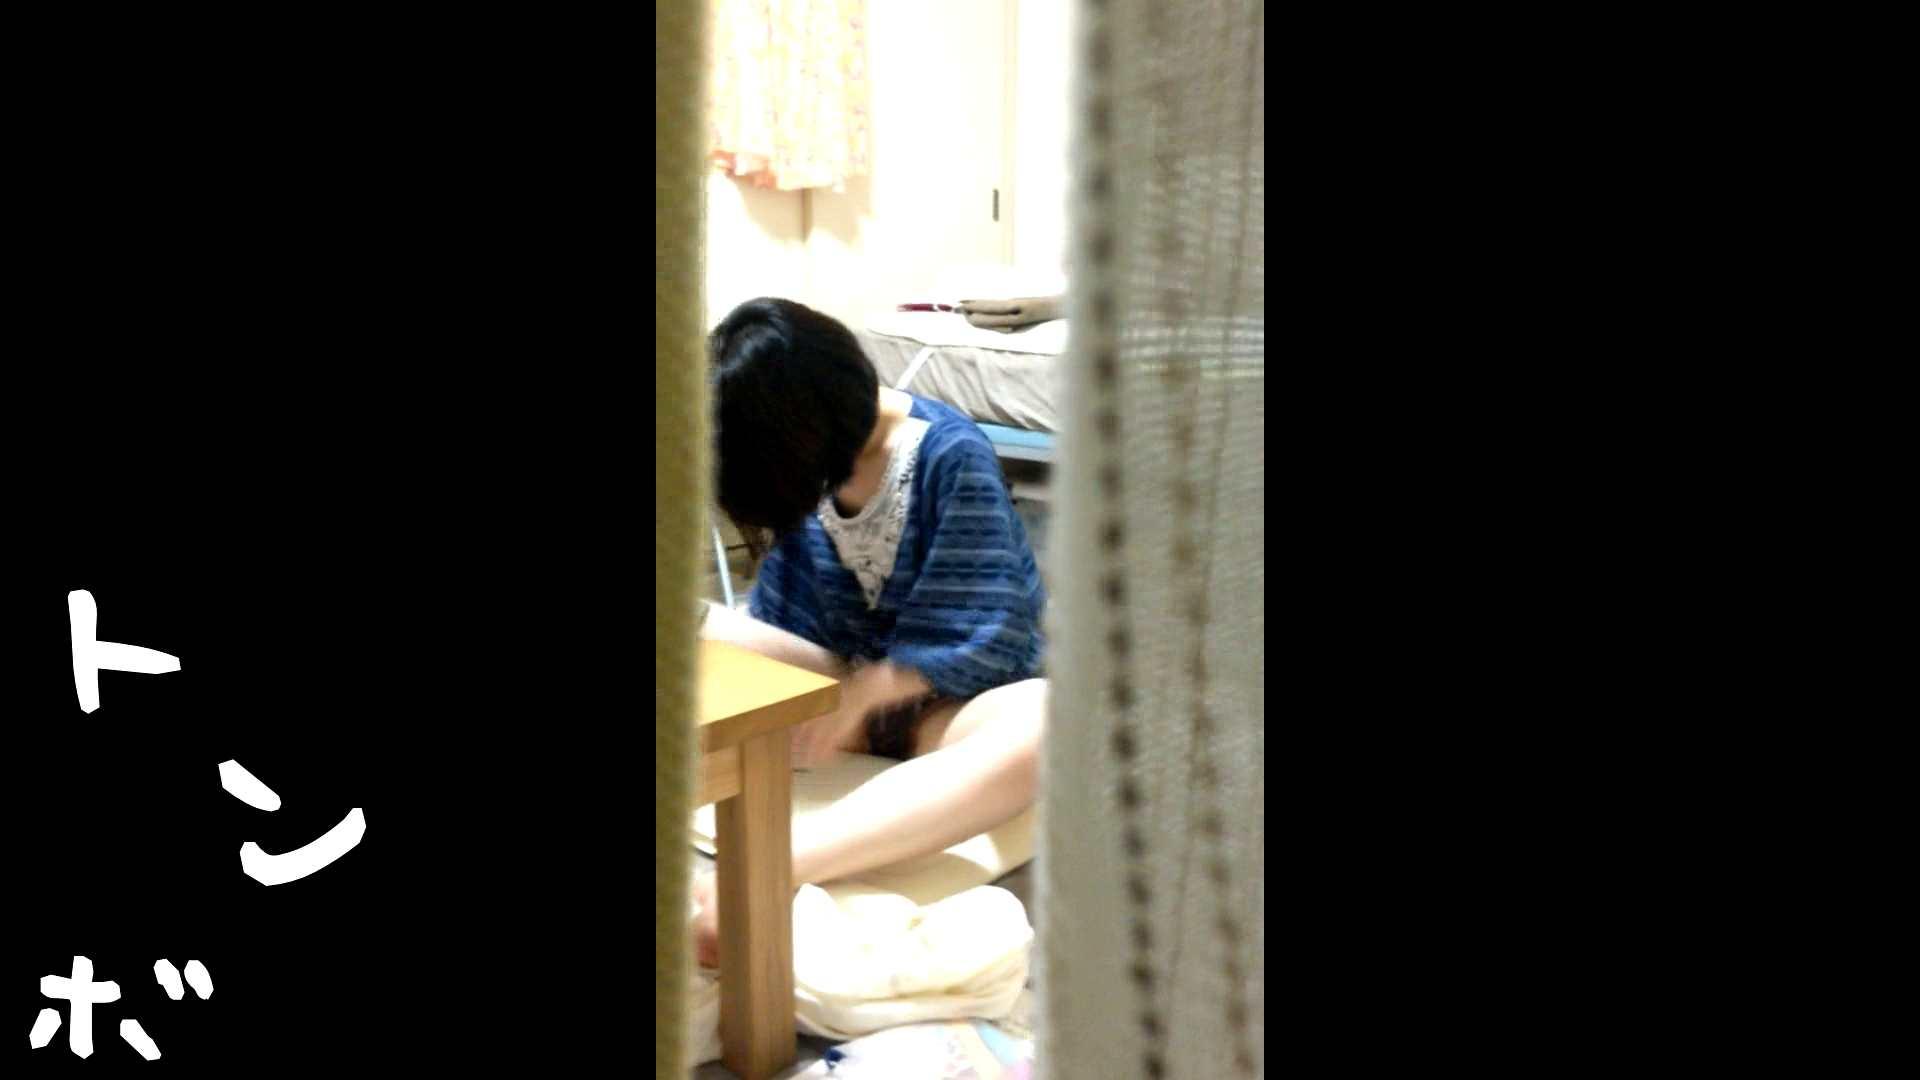 リアル盗撮 作家志望J子 アソコのお手入れ最中に感じてパンツを湿らす 盗撮 | 隠れた名作  38画像 1